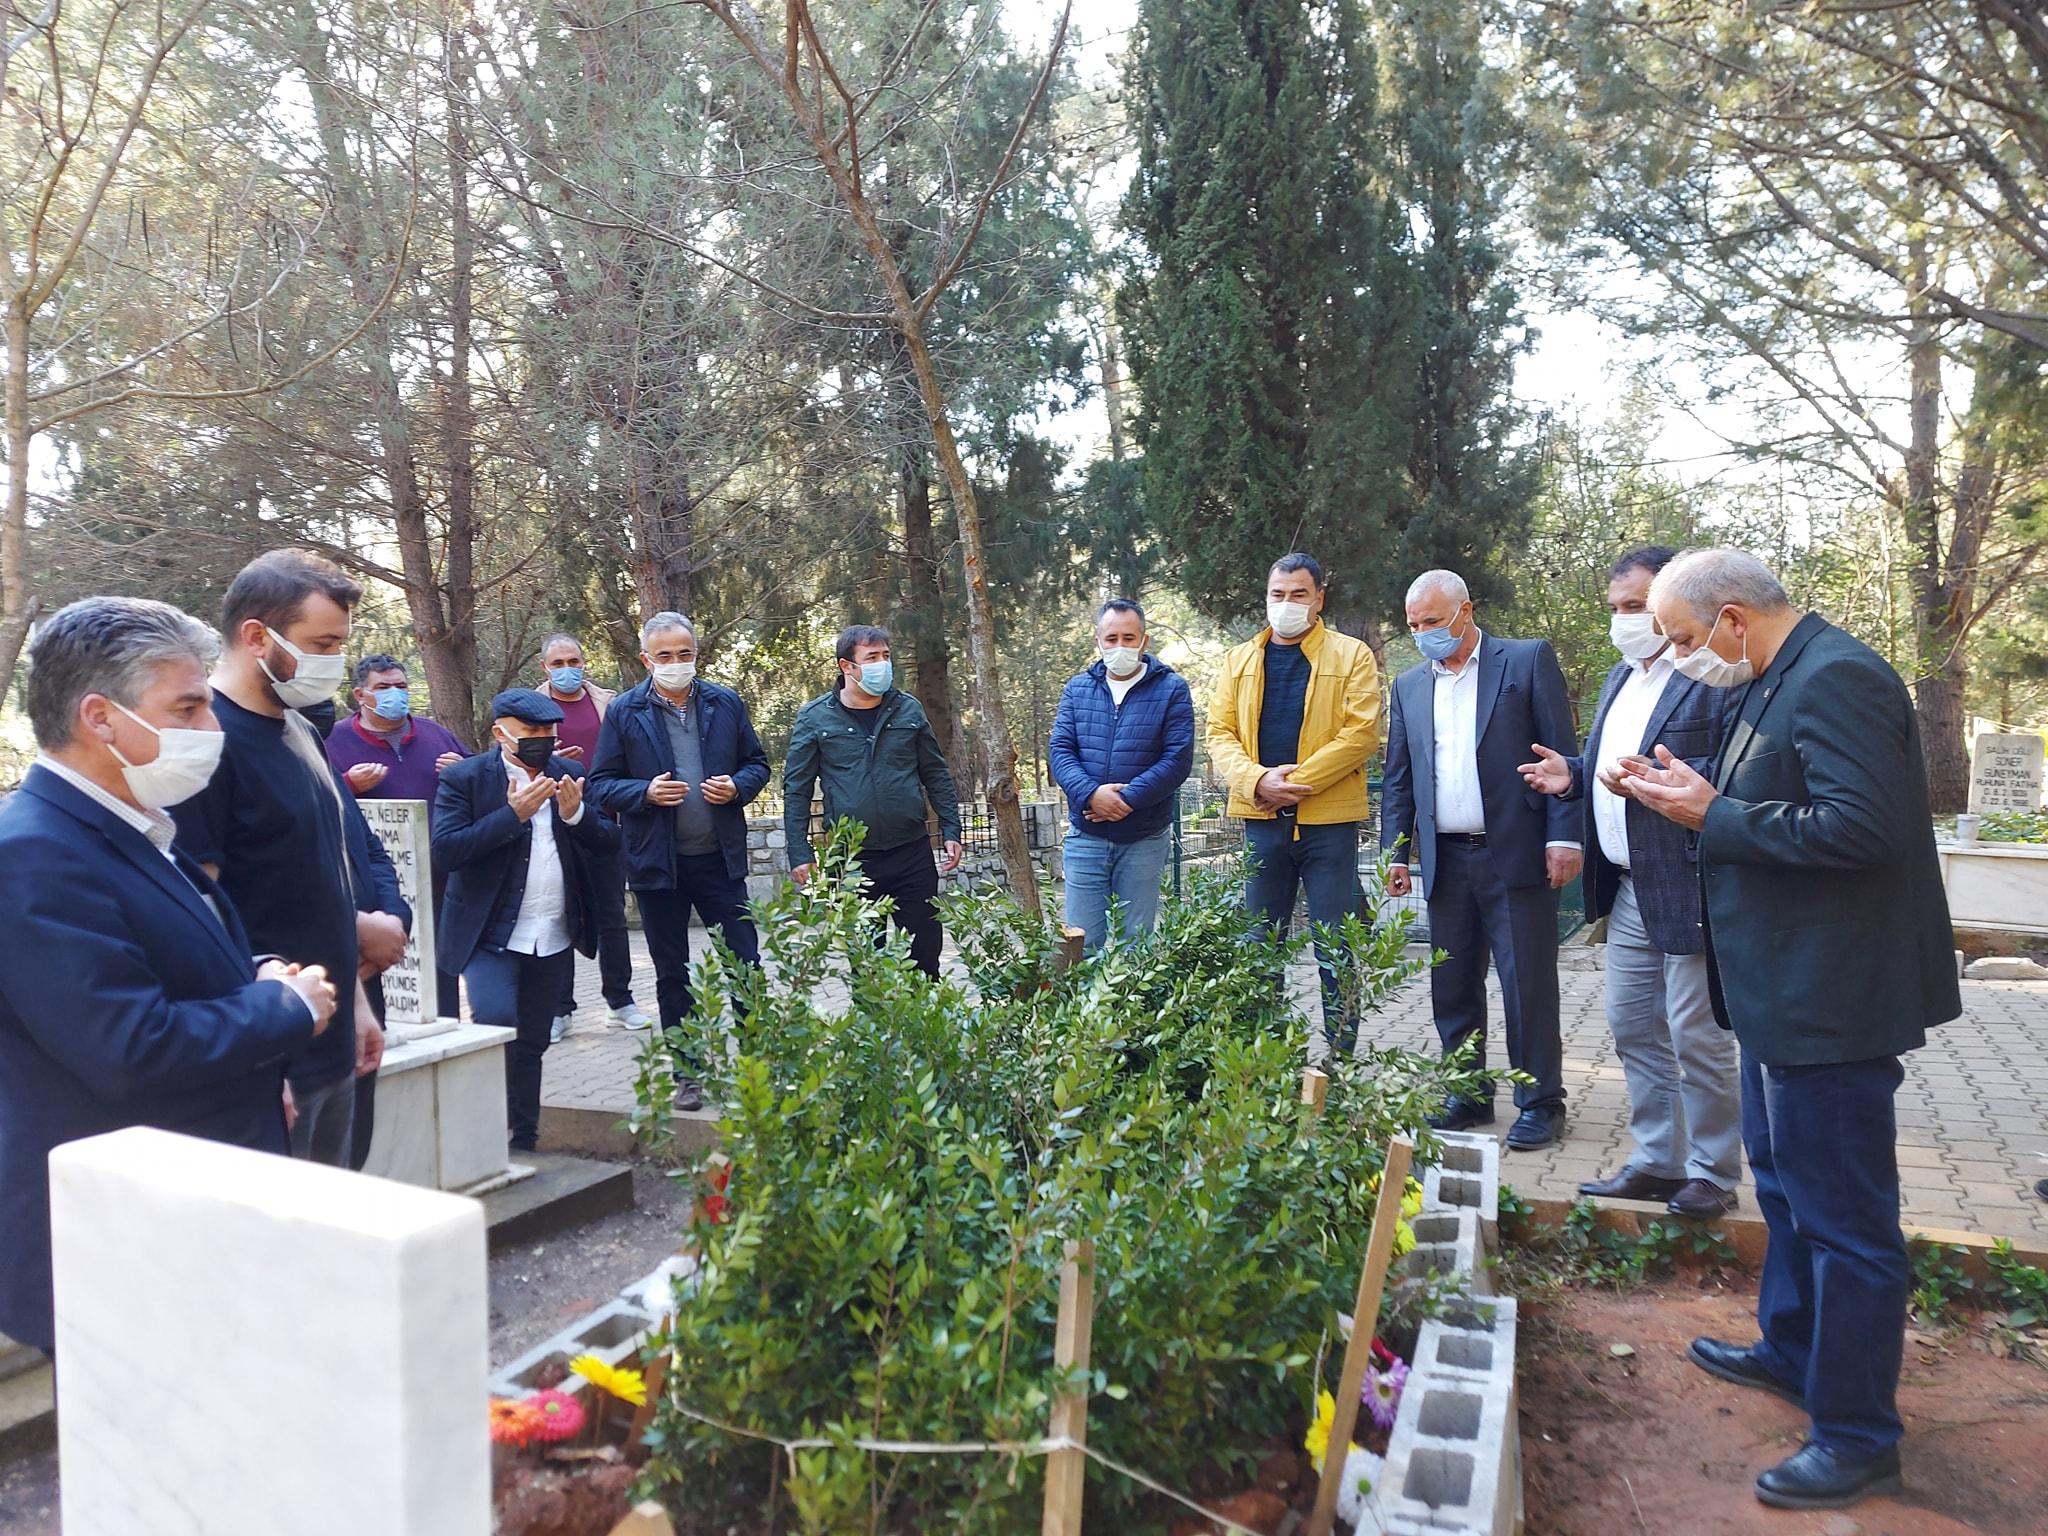 Merhum Belediye Başkanımız İsmail Akkaya'nın Vefatının 52. Gününde Düzenlenen Mevlid Programına Katıldık